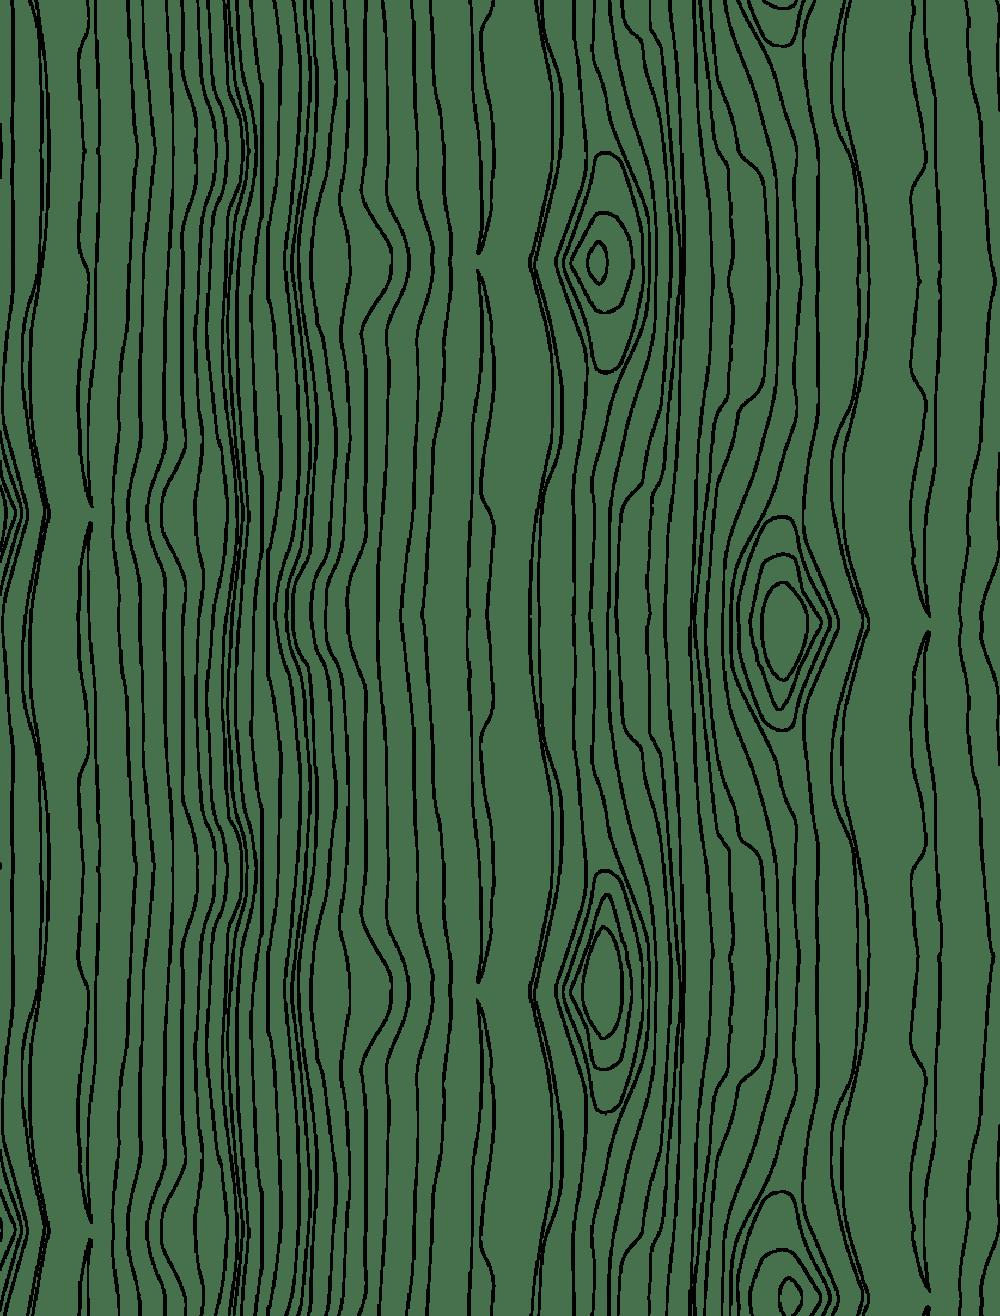 Maserung 01